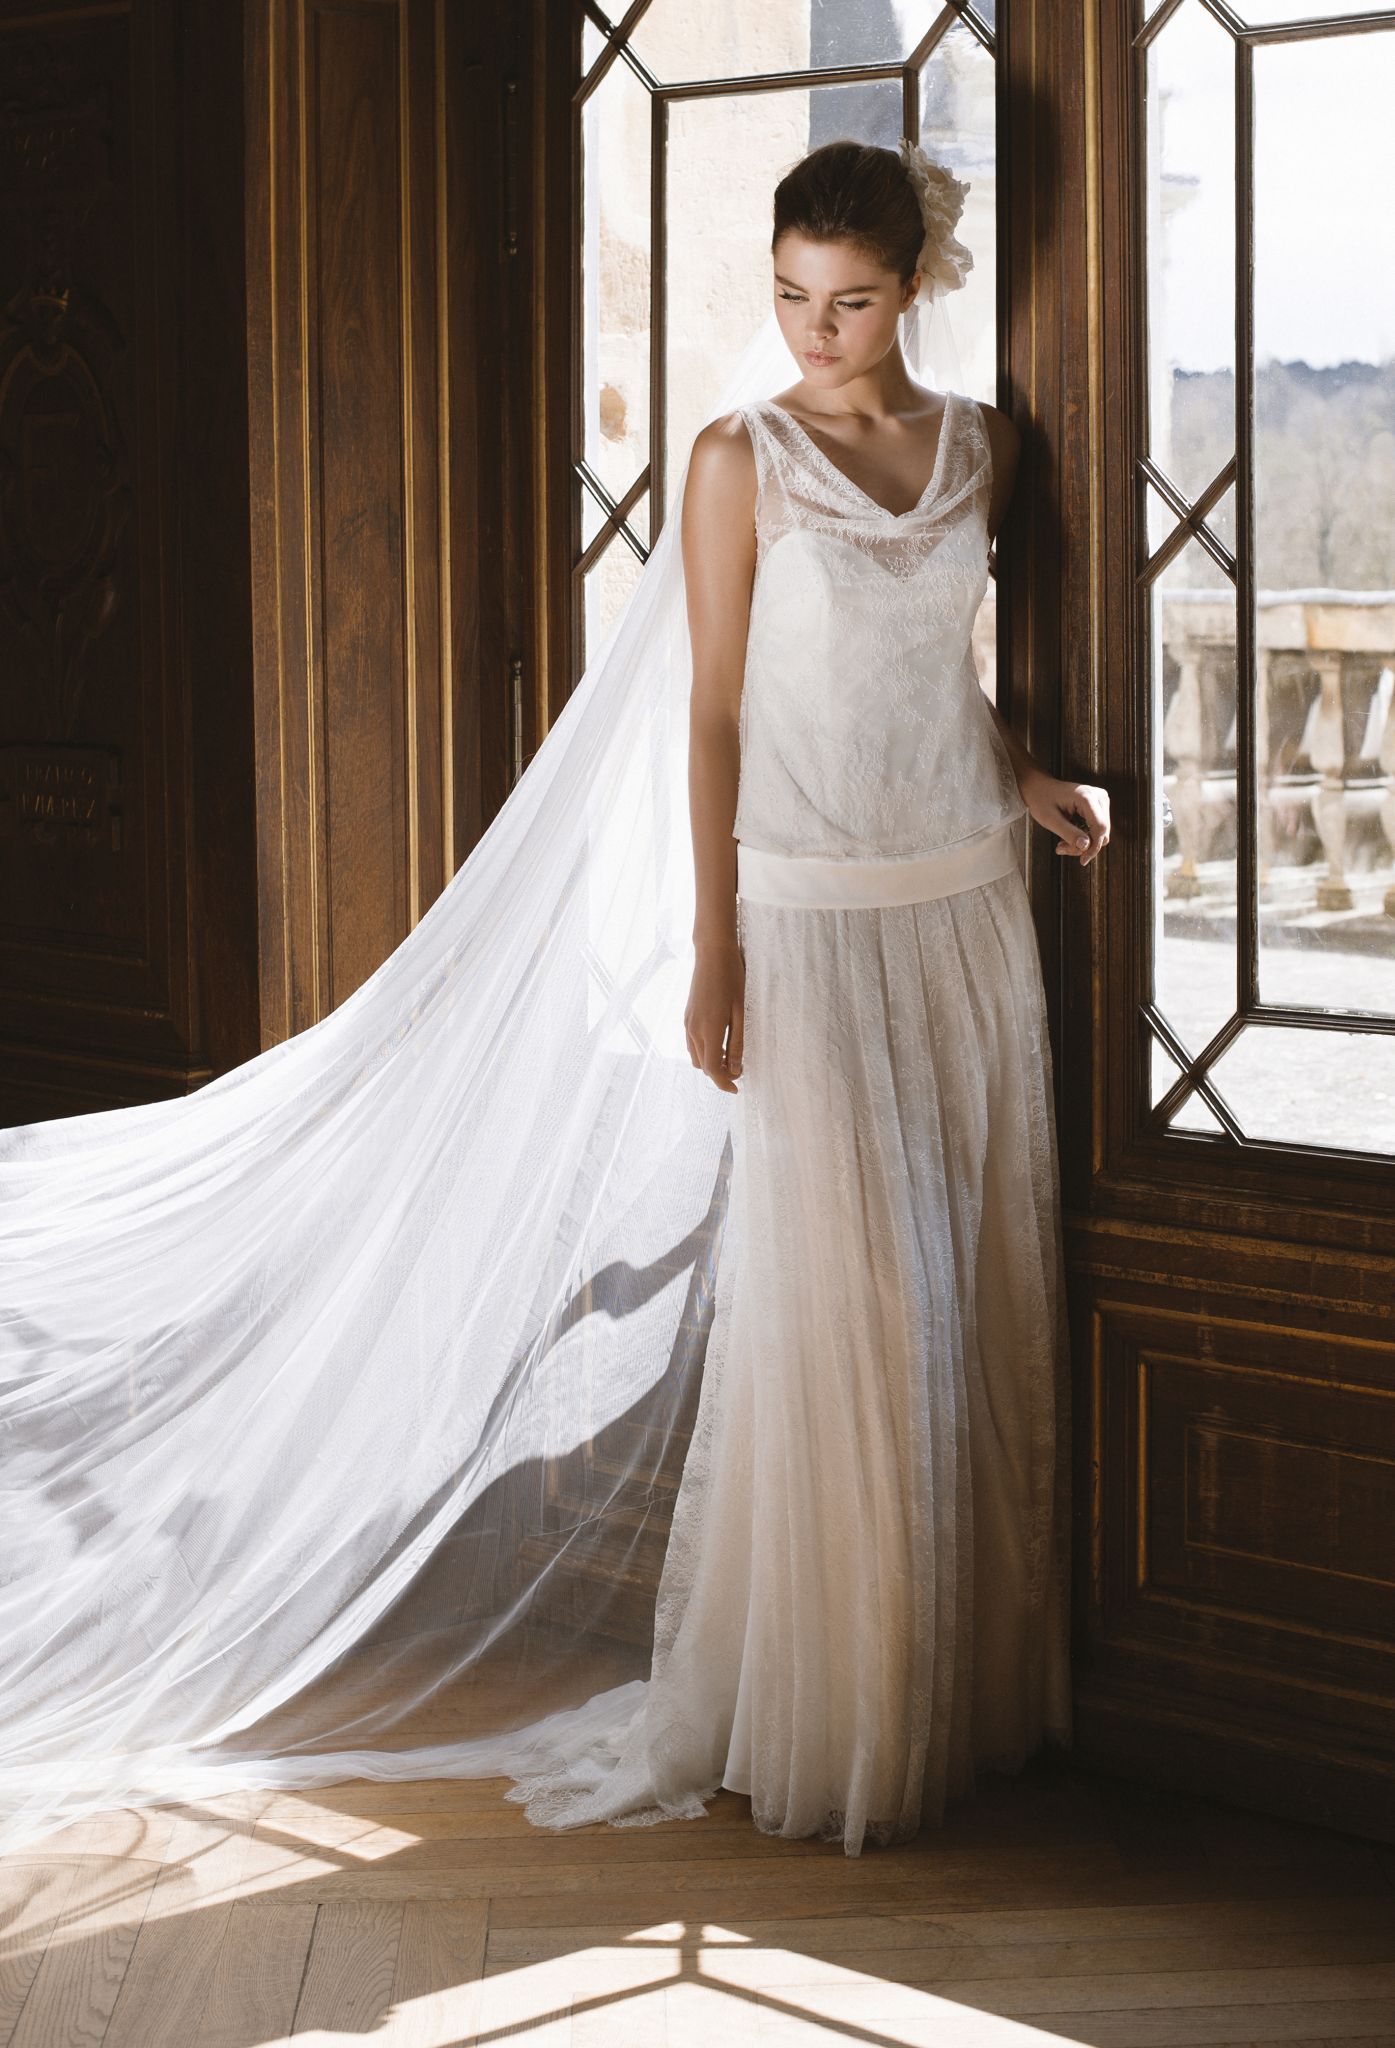 Großartig Finden Perfekte Brautkleid Galerie - Brautkleider Ideen ...